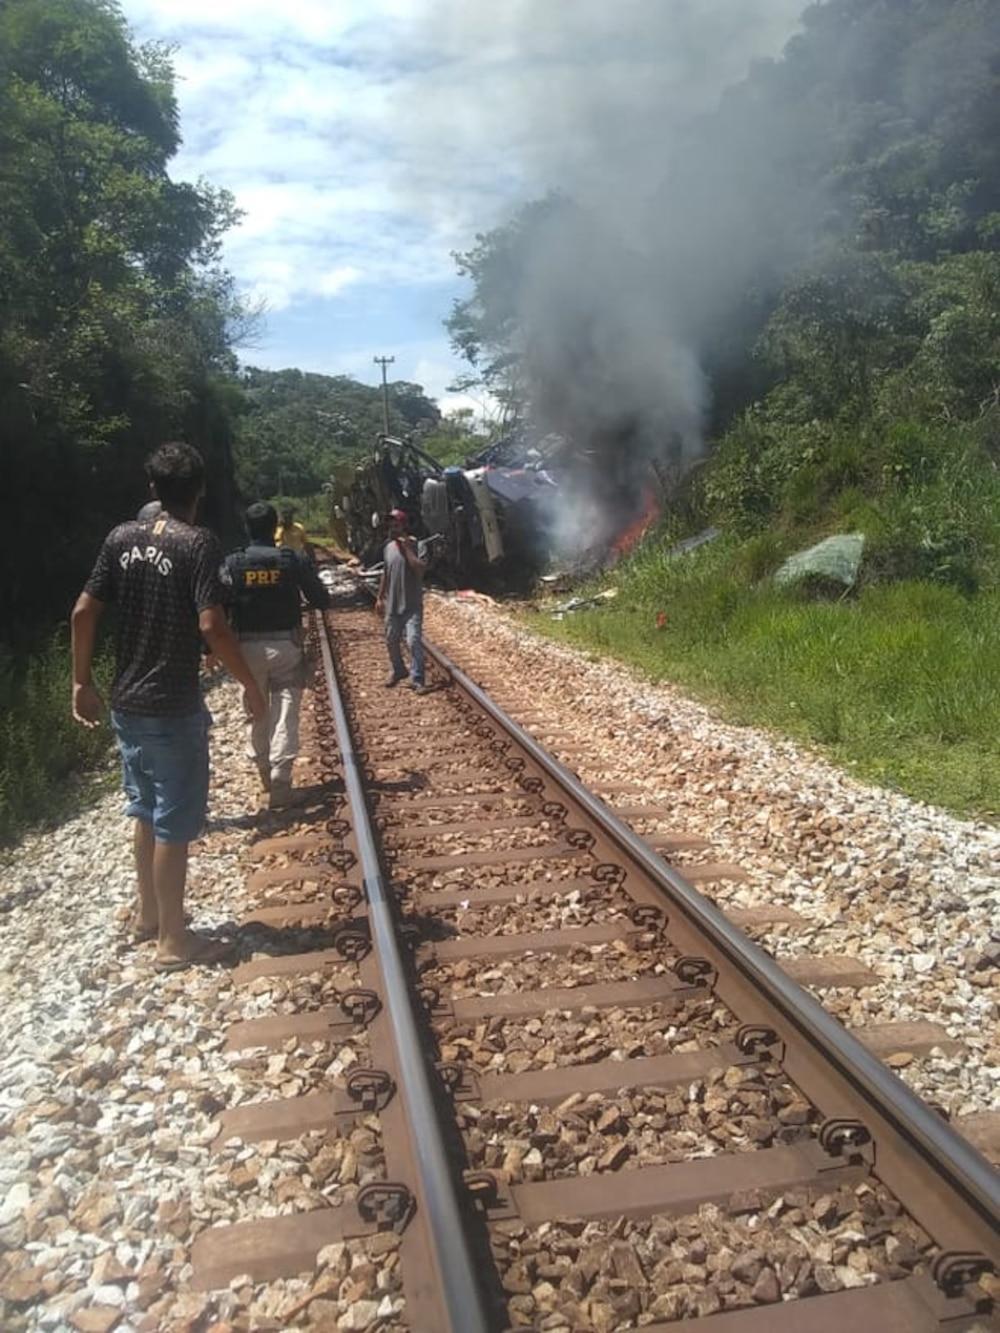 Xe khách lao khỏi cầu vượt, 17 người chết, hàng chục người khác bị thương Ảnh 2